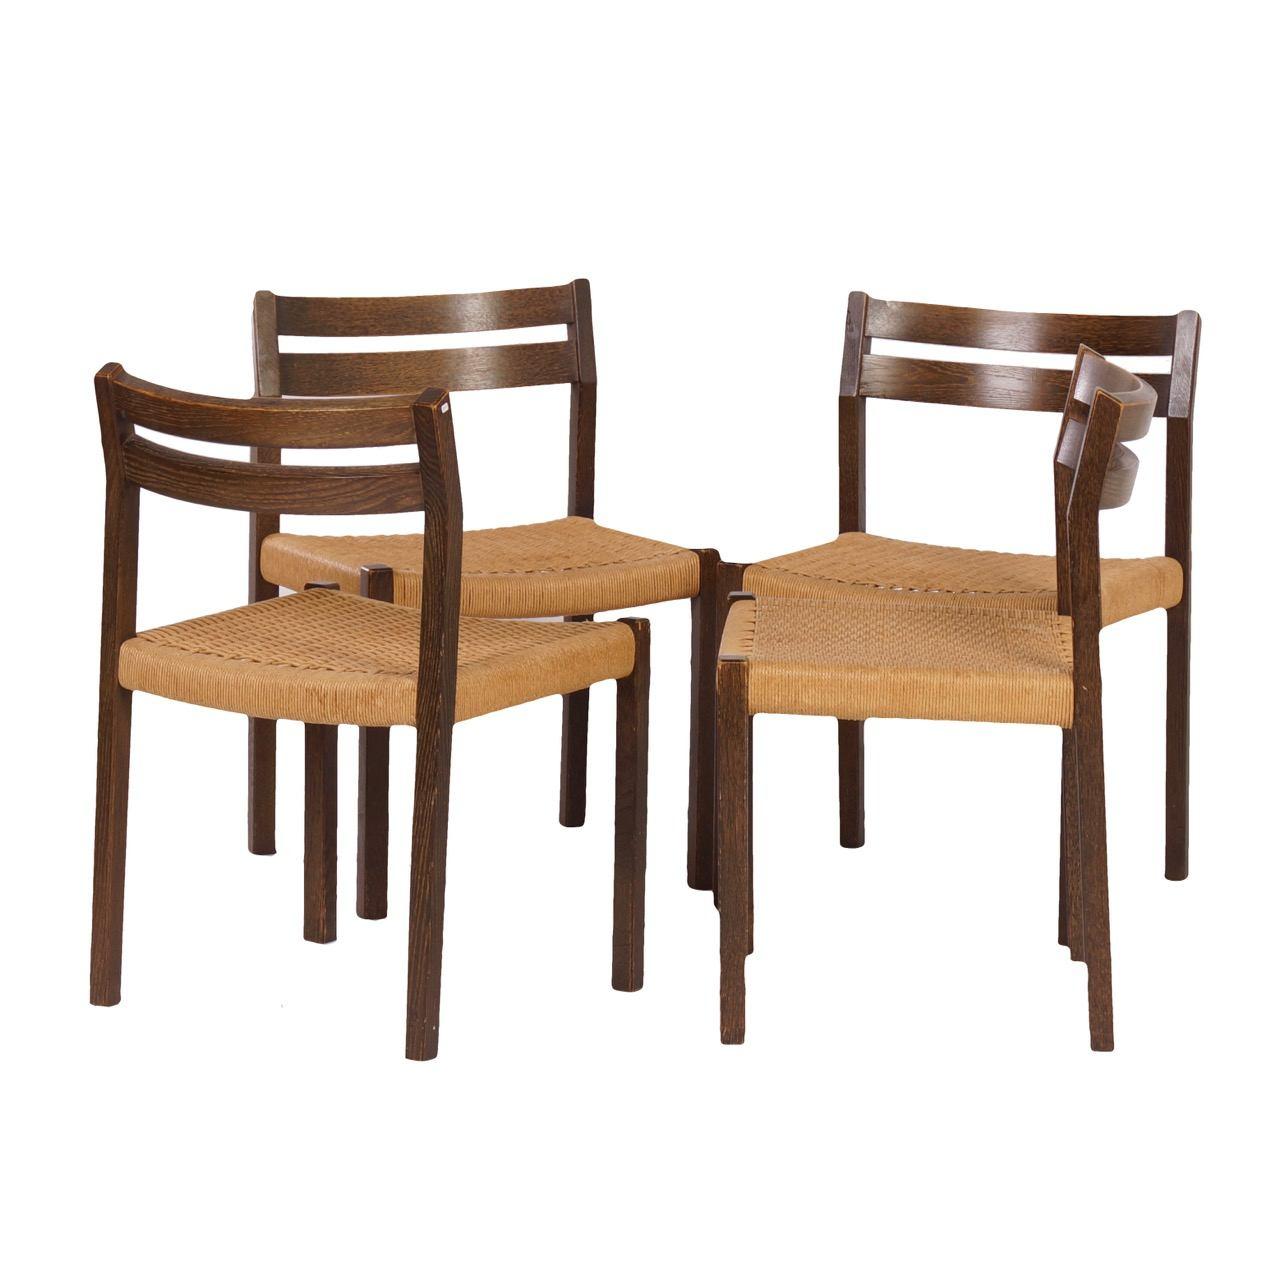 Danish 401 Dining Chairs By Jorgen Henrik Møller For J.L. Møller, 1974 U2013  Set Of